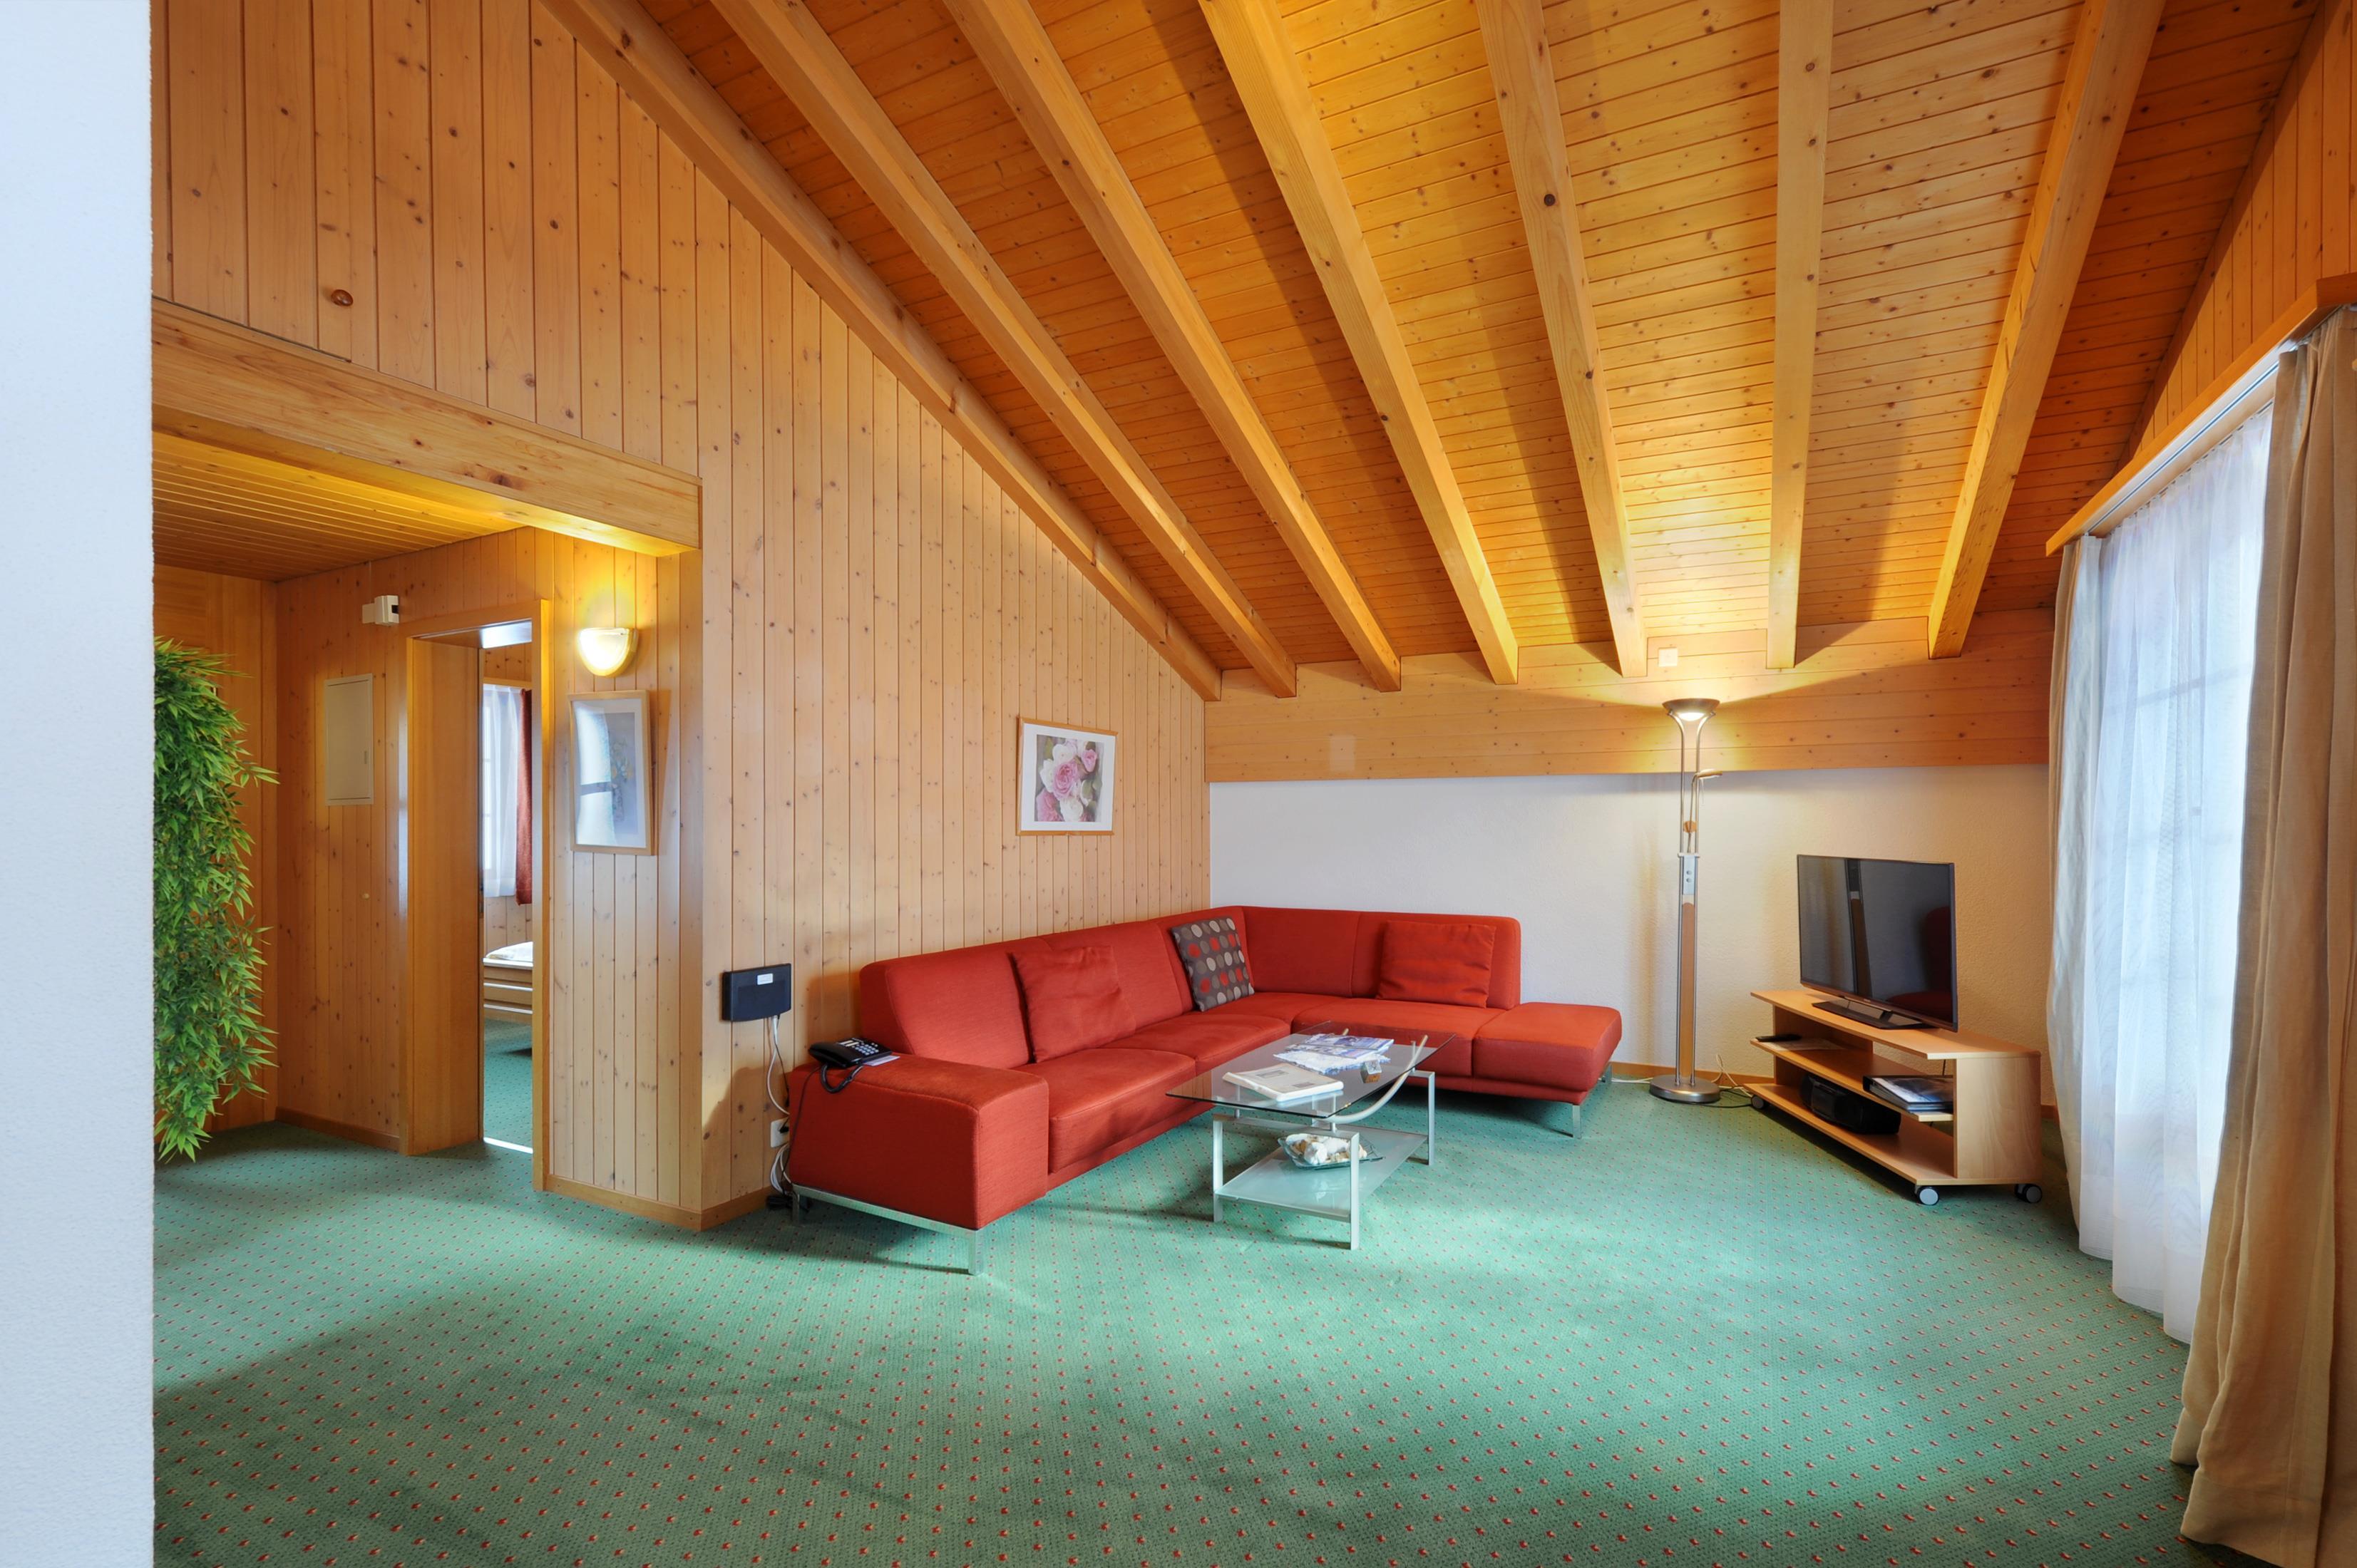 Appartement de vacances Furggenhorn App. 573 4 Bett Wohnung Obj. 4068 (2692219), Grindelwald, Région de la Jungfrau, Oberland bernois, Suisse, image 6